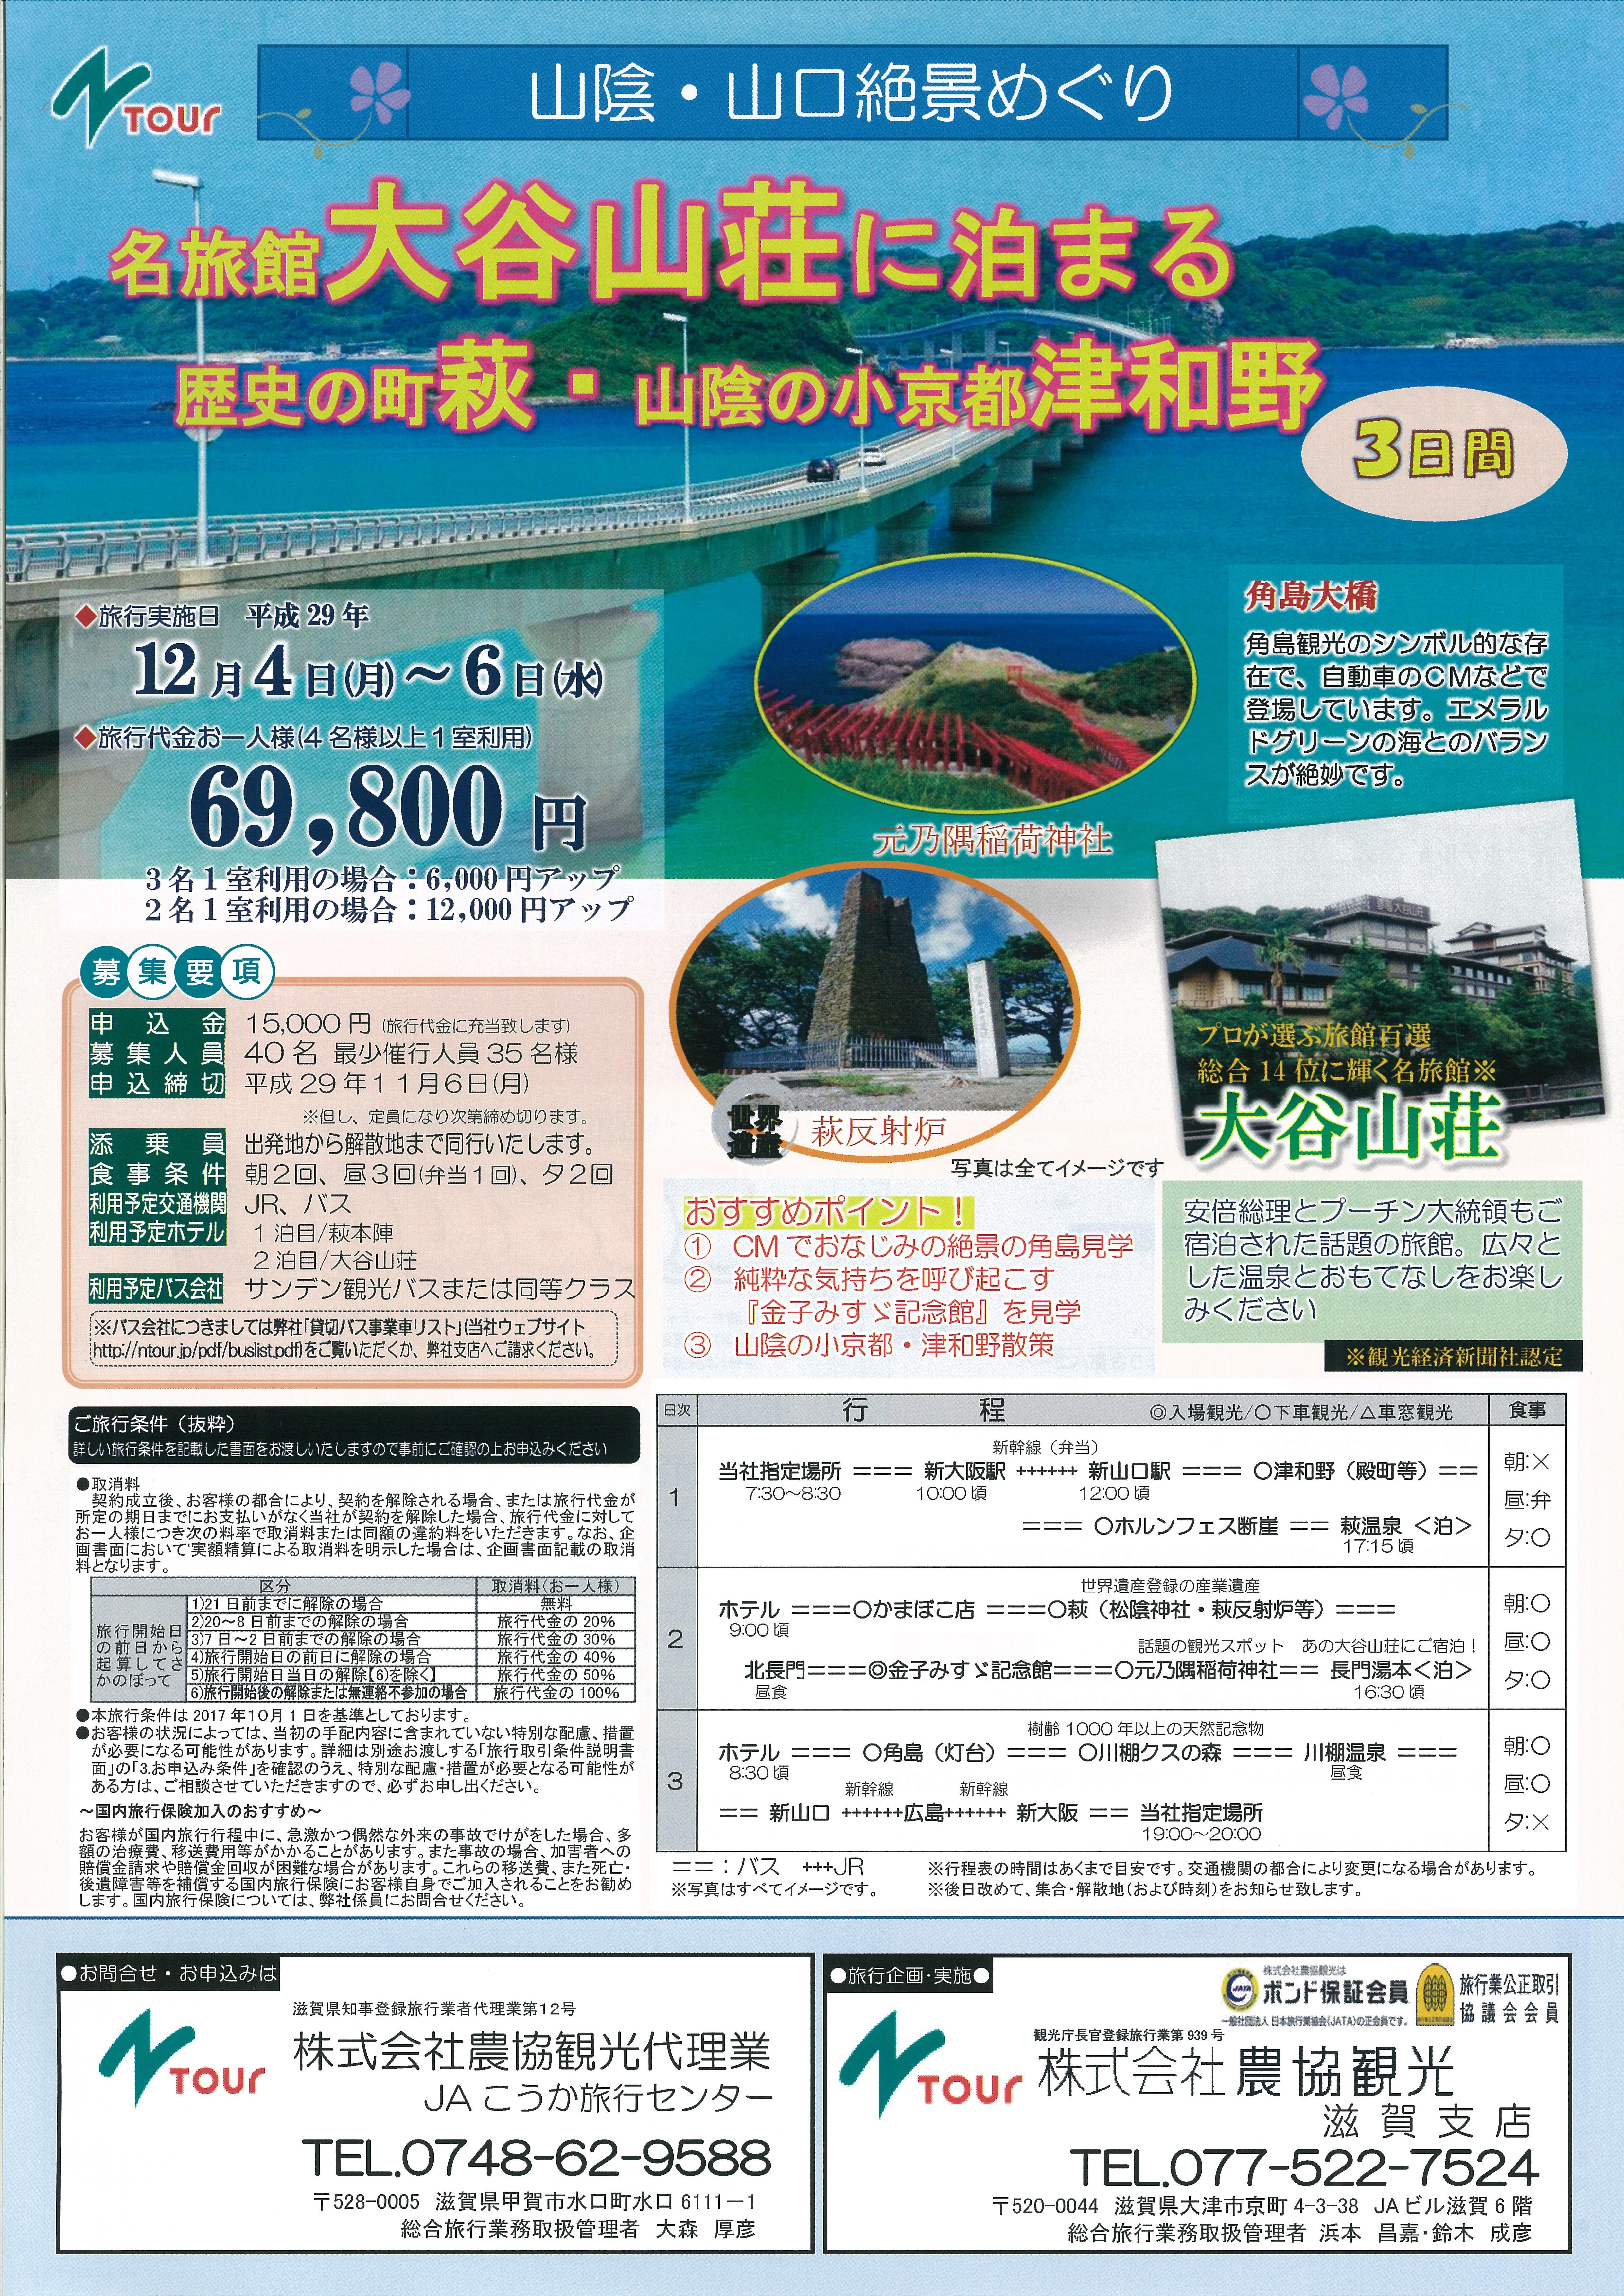 名旅館 大谷山荘に泊まる 歴史の町 萩・山陰の小京都 津和野